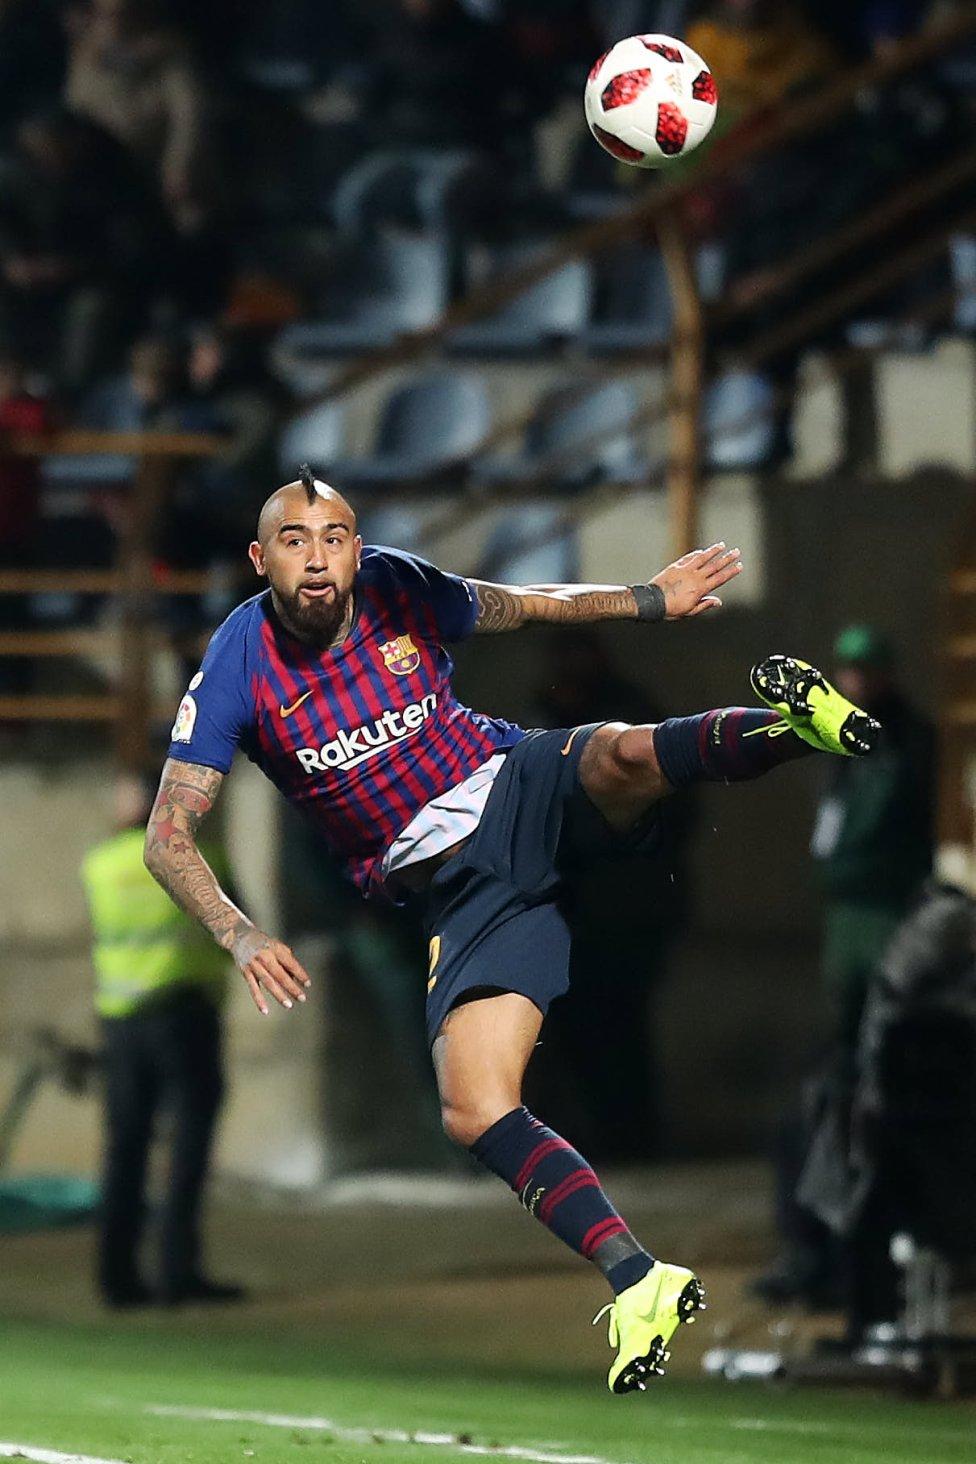 صور مباراة : كولتورال ليونيسا - برشلونة 0-1 ( 31-10-2018 ) كأس ملك إسبانيا 1541018306_553970_1541019954_album_grande